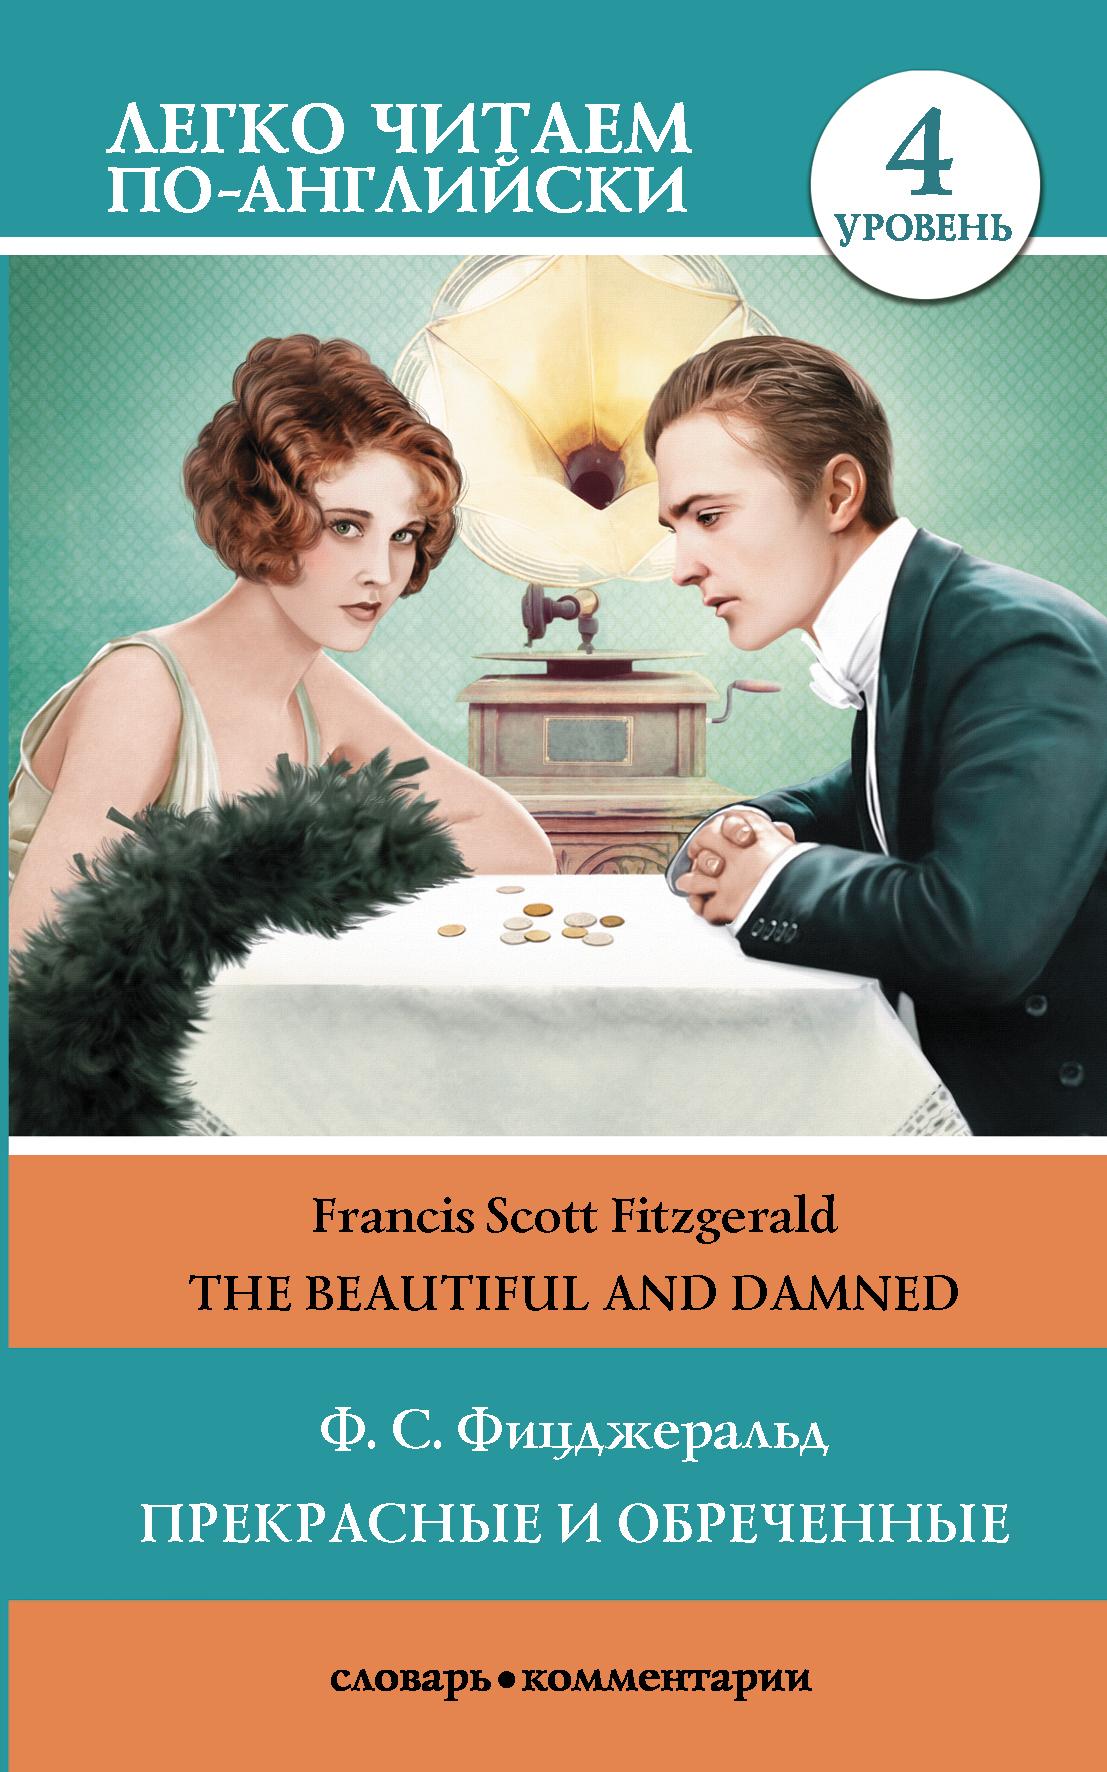 Купить книгу The Beautiful and Damned / Прекрасные и обреченные. Уровень 4, автора Френсиса Скотта Фицджеральда